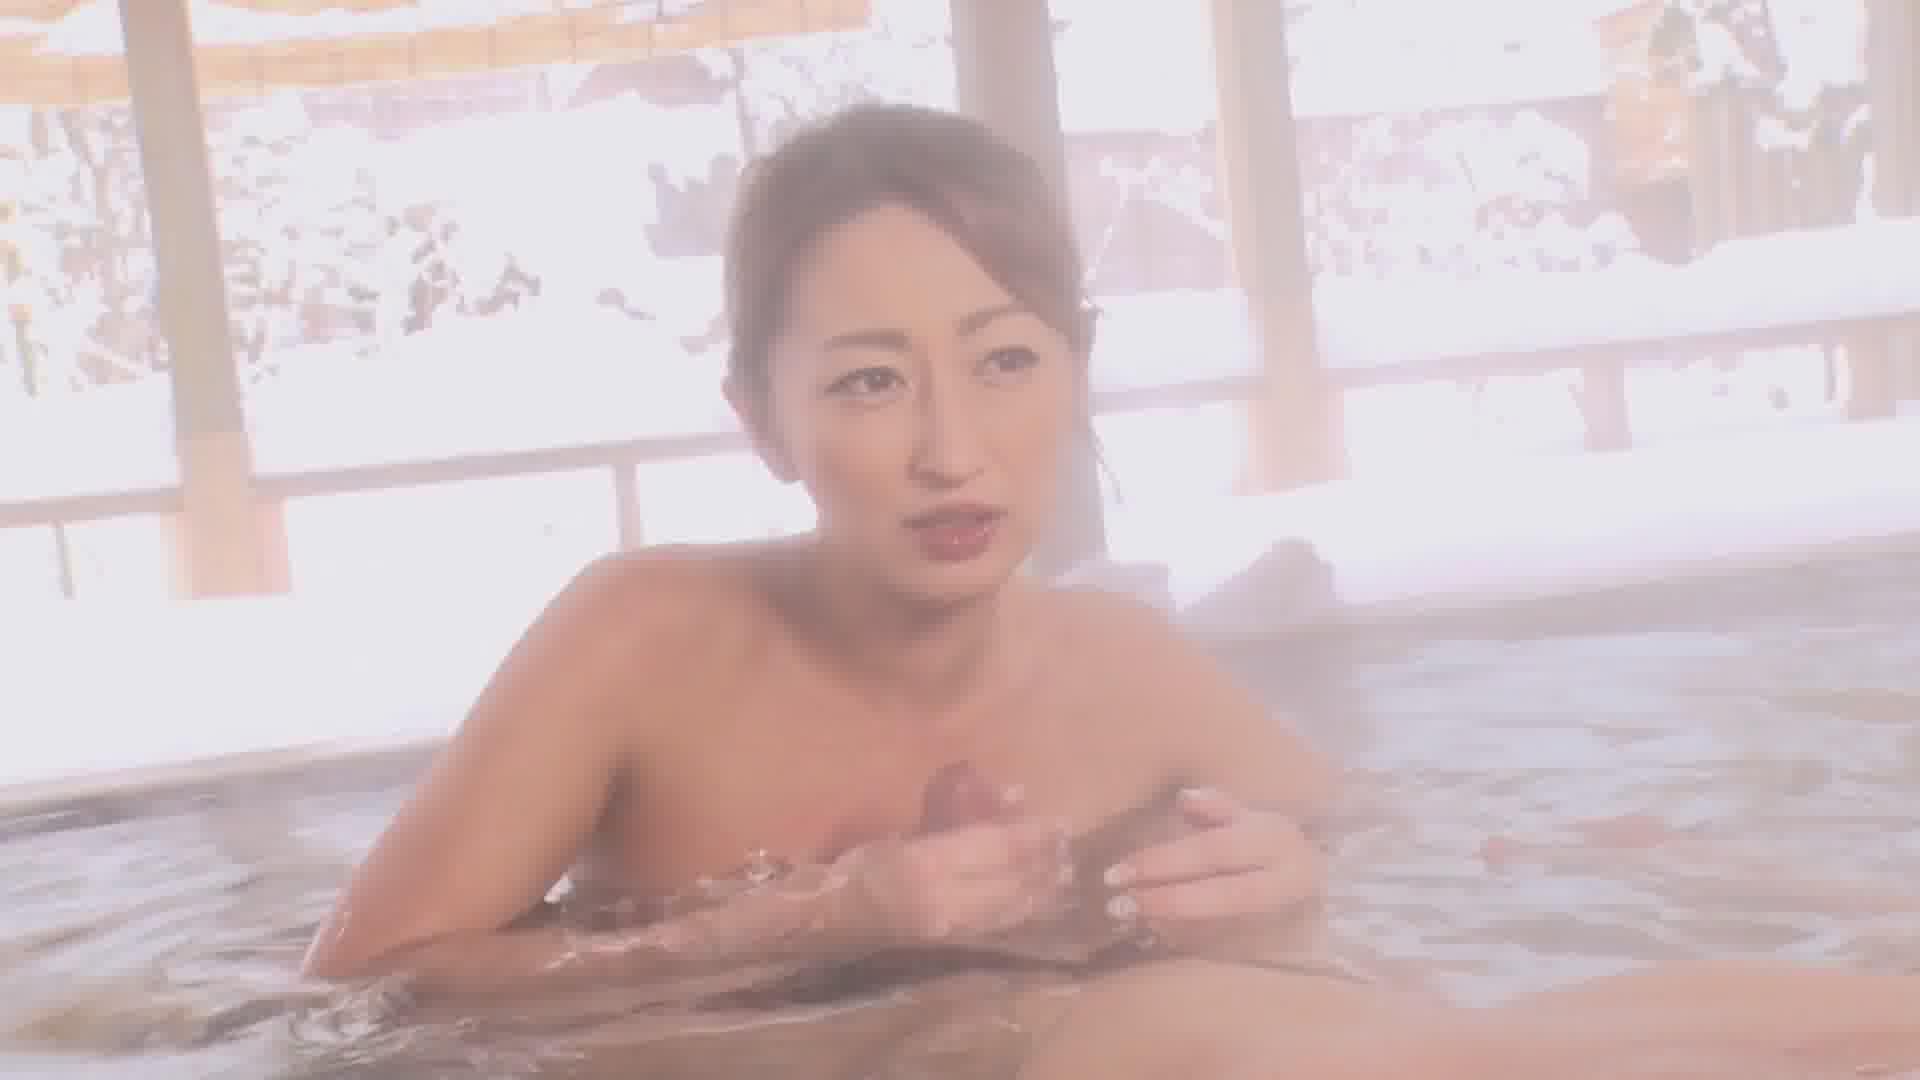 洗練された大人のいやし亭 ~私の肉厚マンコに溺れてください~ - 玲奈【巨乳・浴衣・中出し】